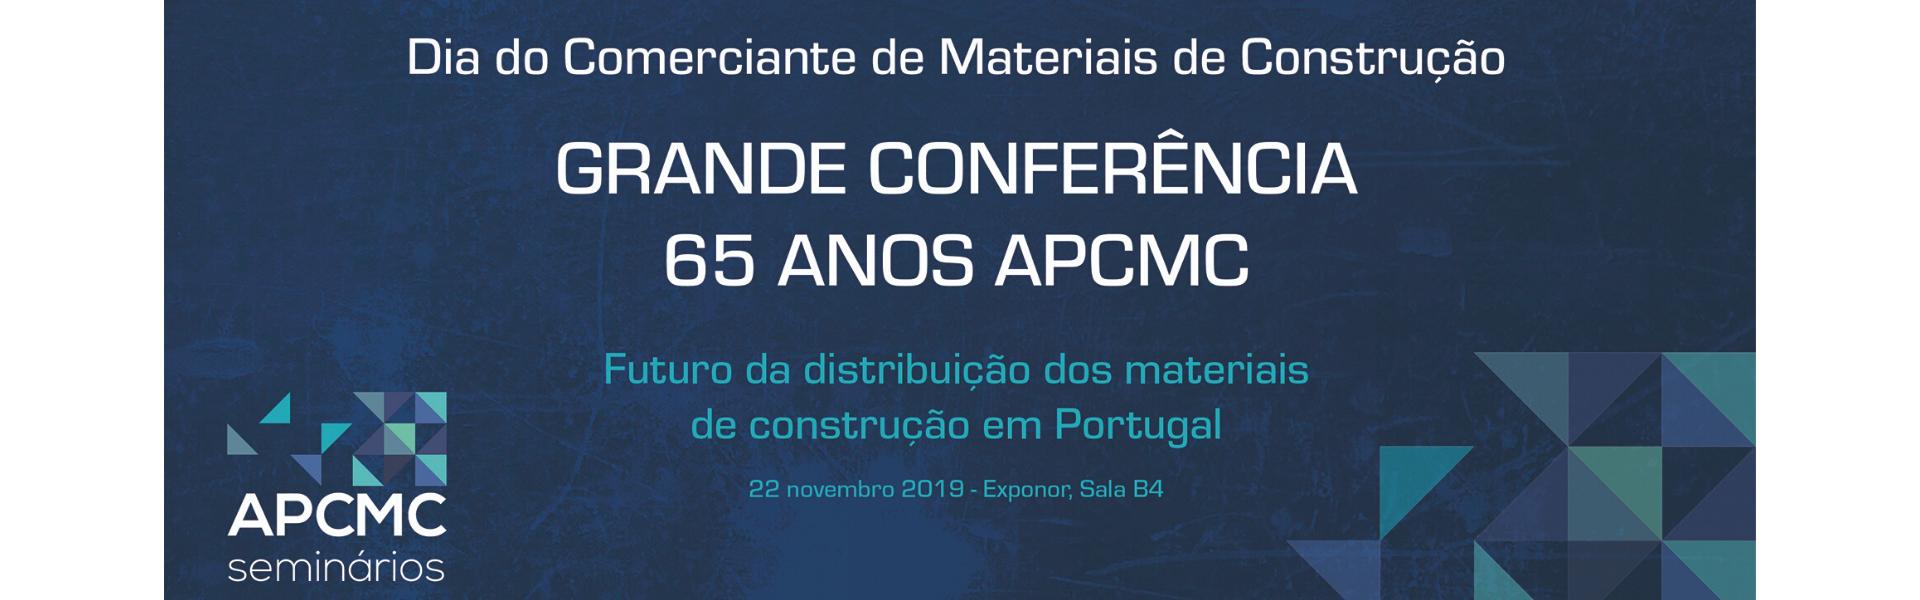 Futuro da distribuição dos materiais de construção em Portugal